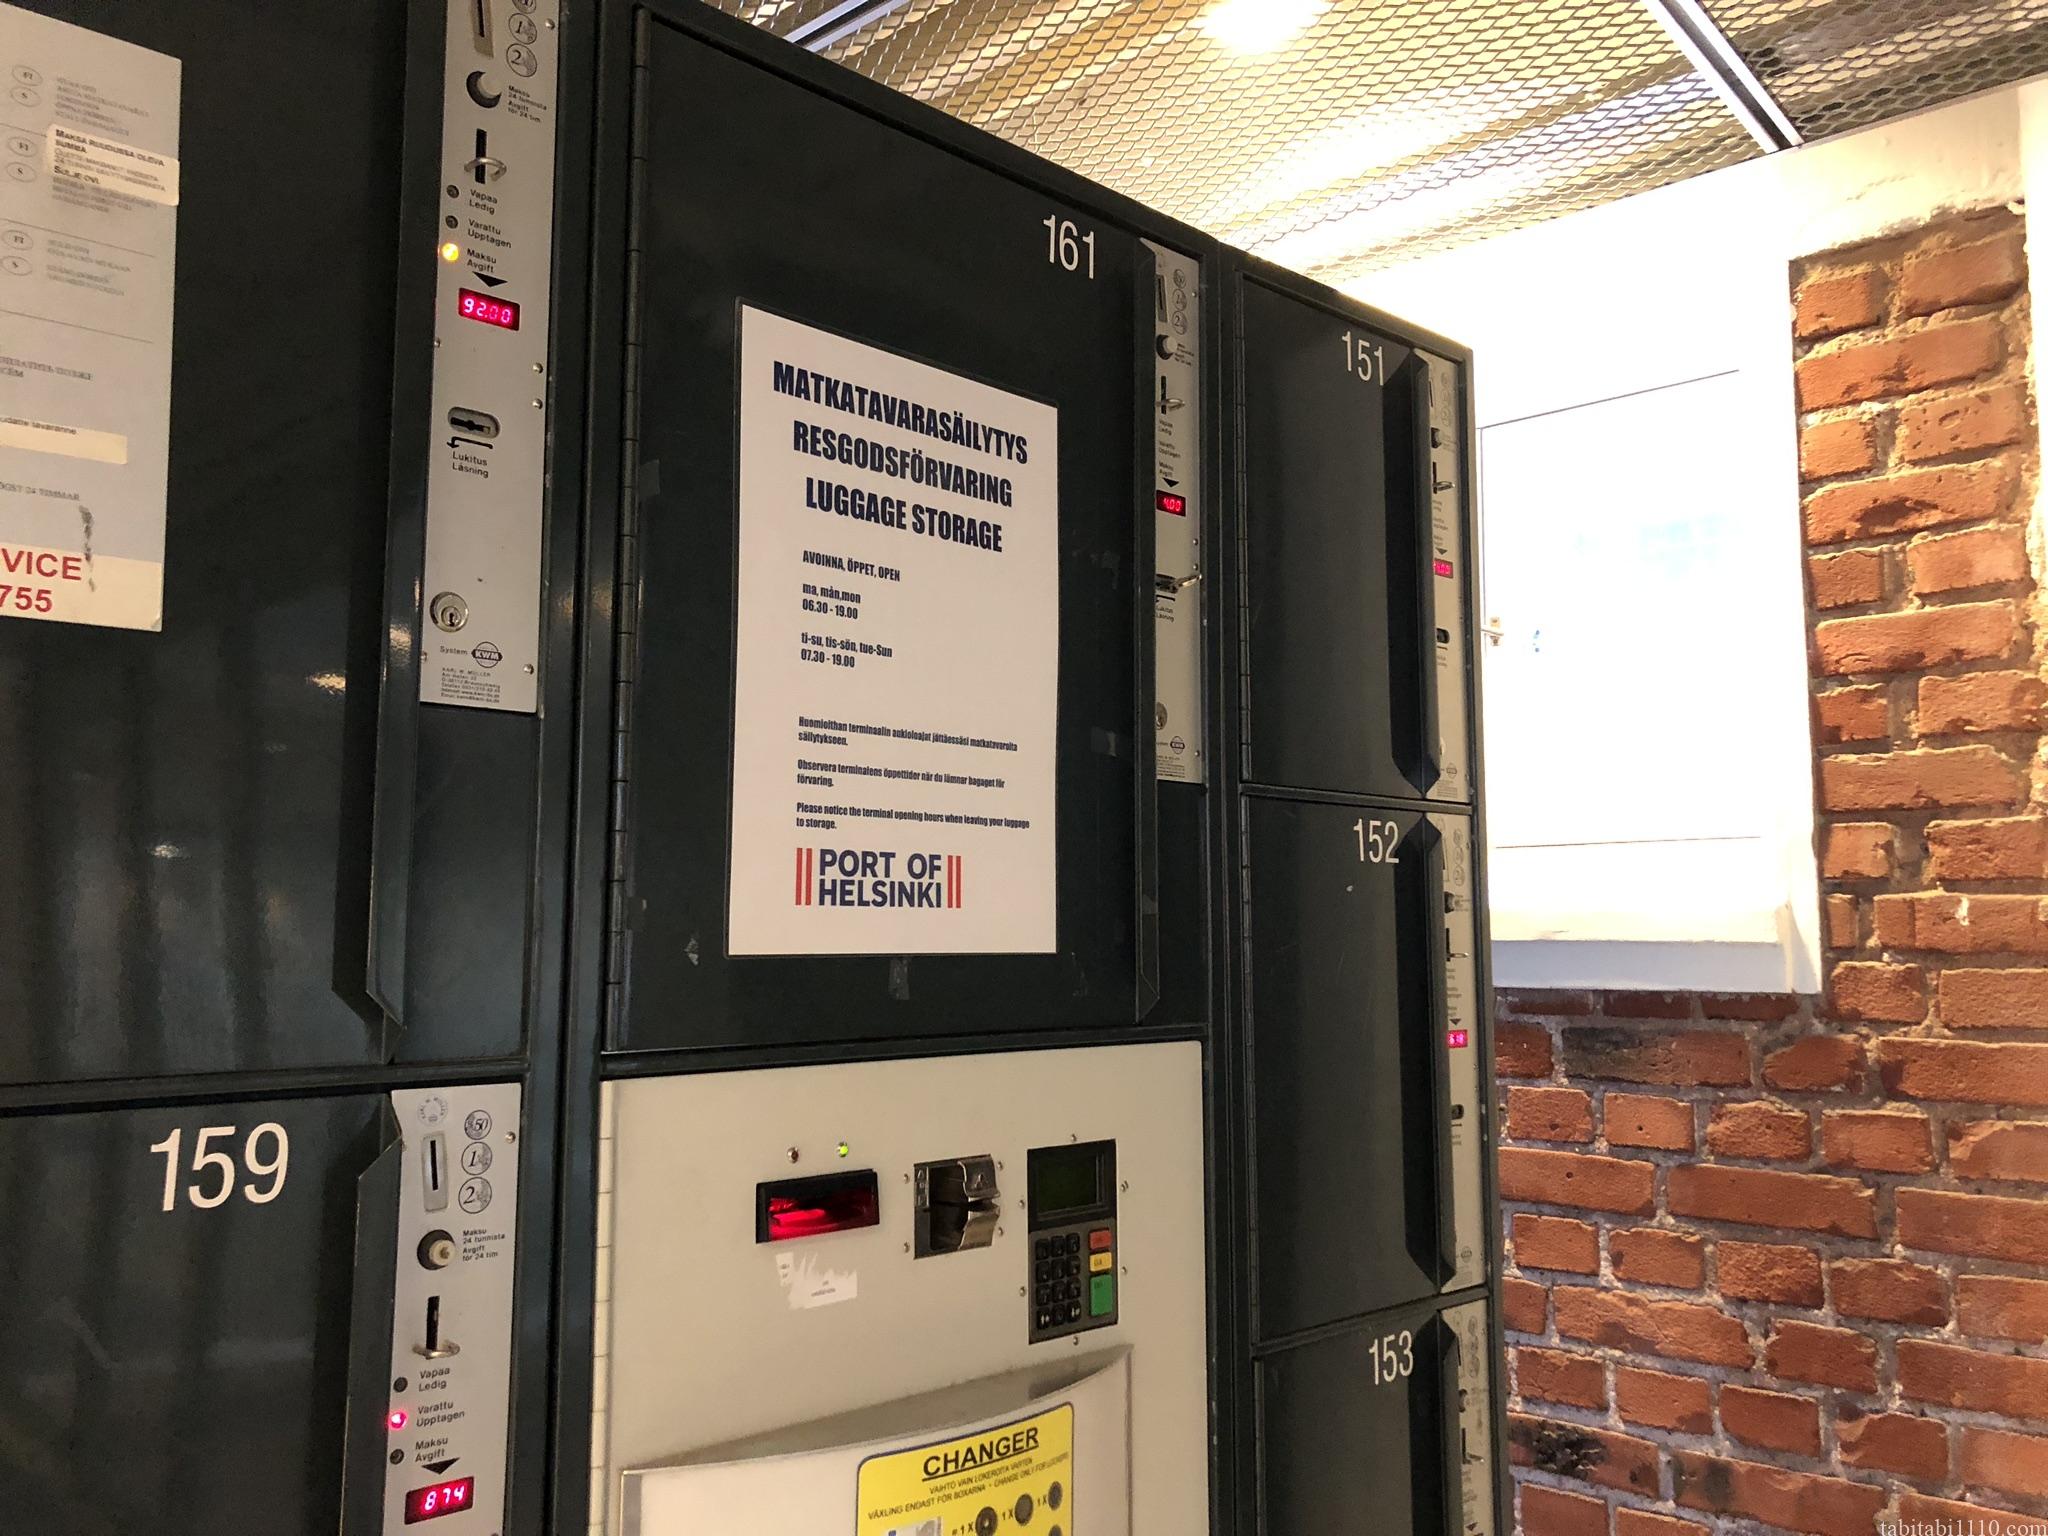 ヘルシンキフェリーターミナルのコインロッカー